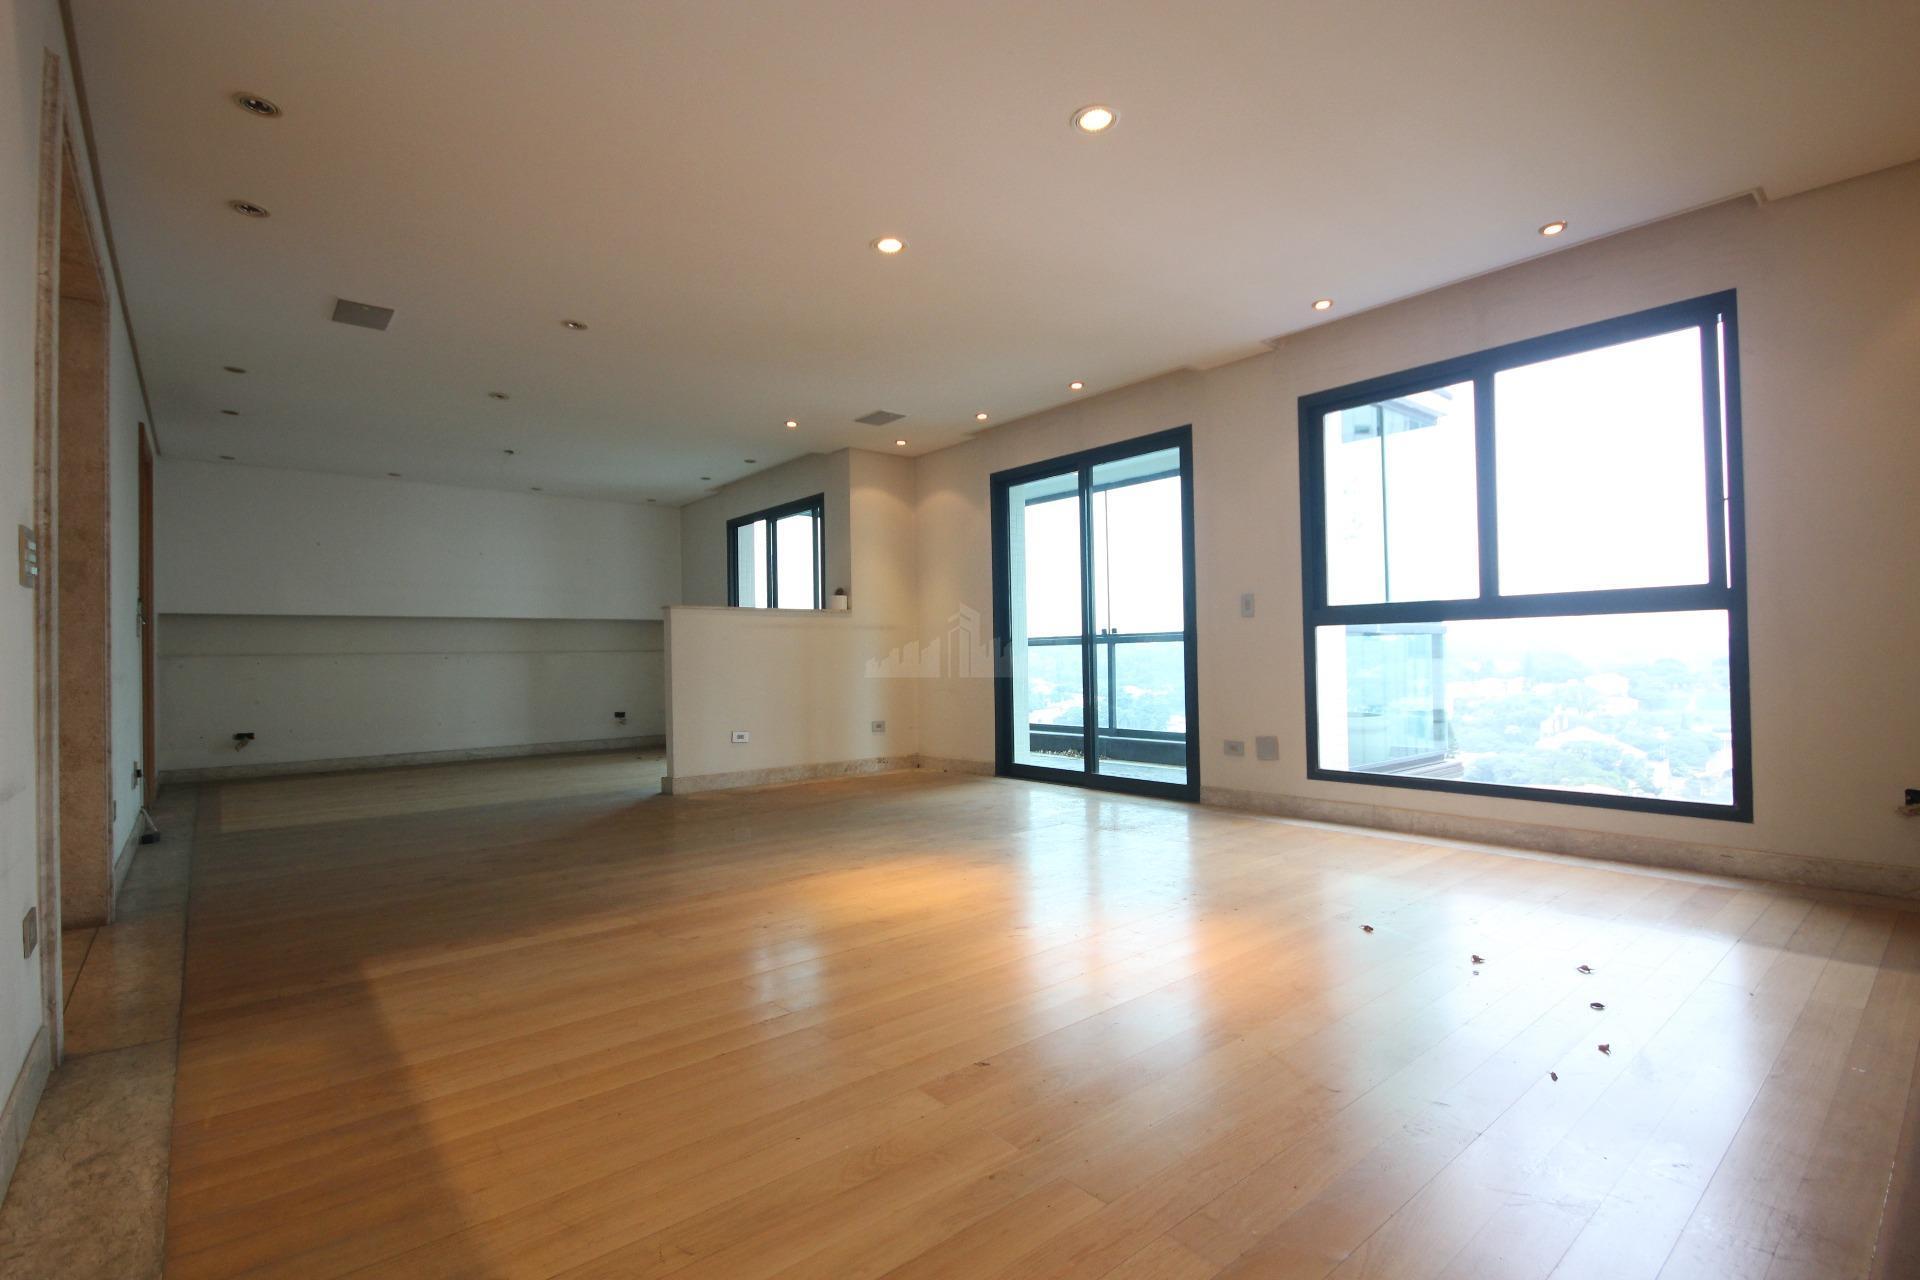 Belo apartamento   pra venda com 202m², 4 dormitorios,2 suites,4 vaga em Higienopolis